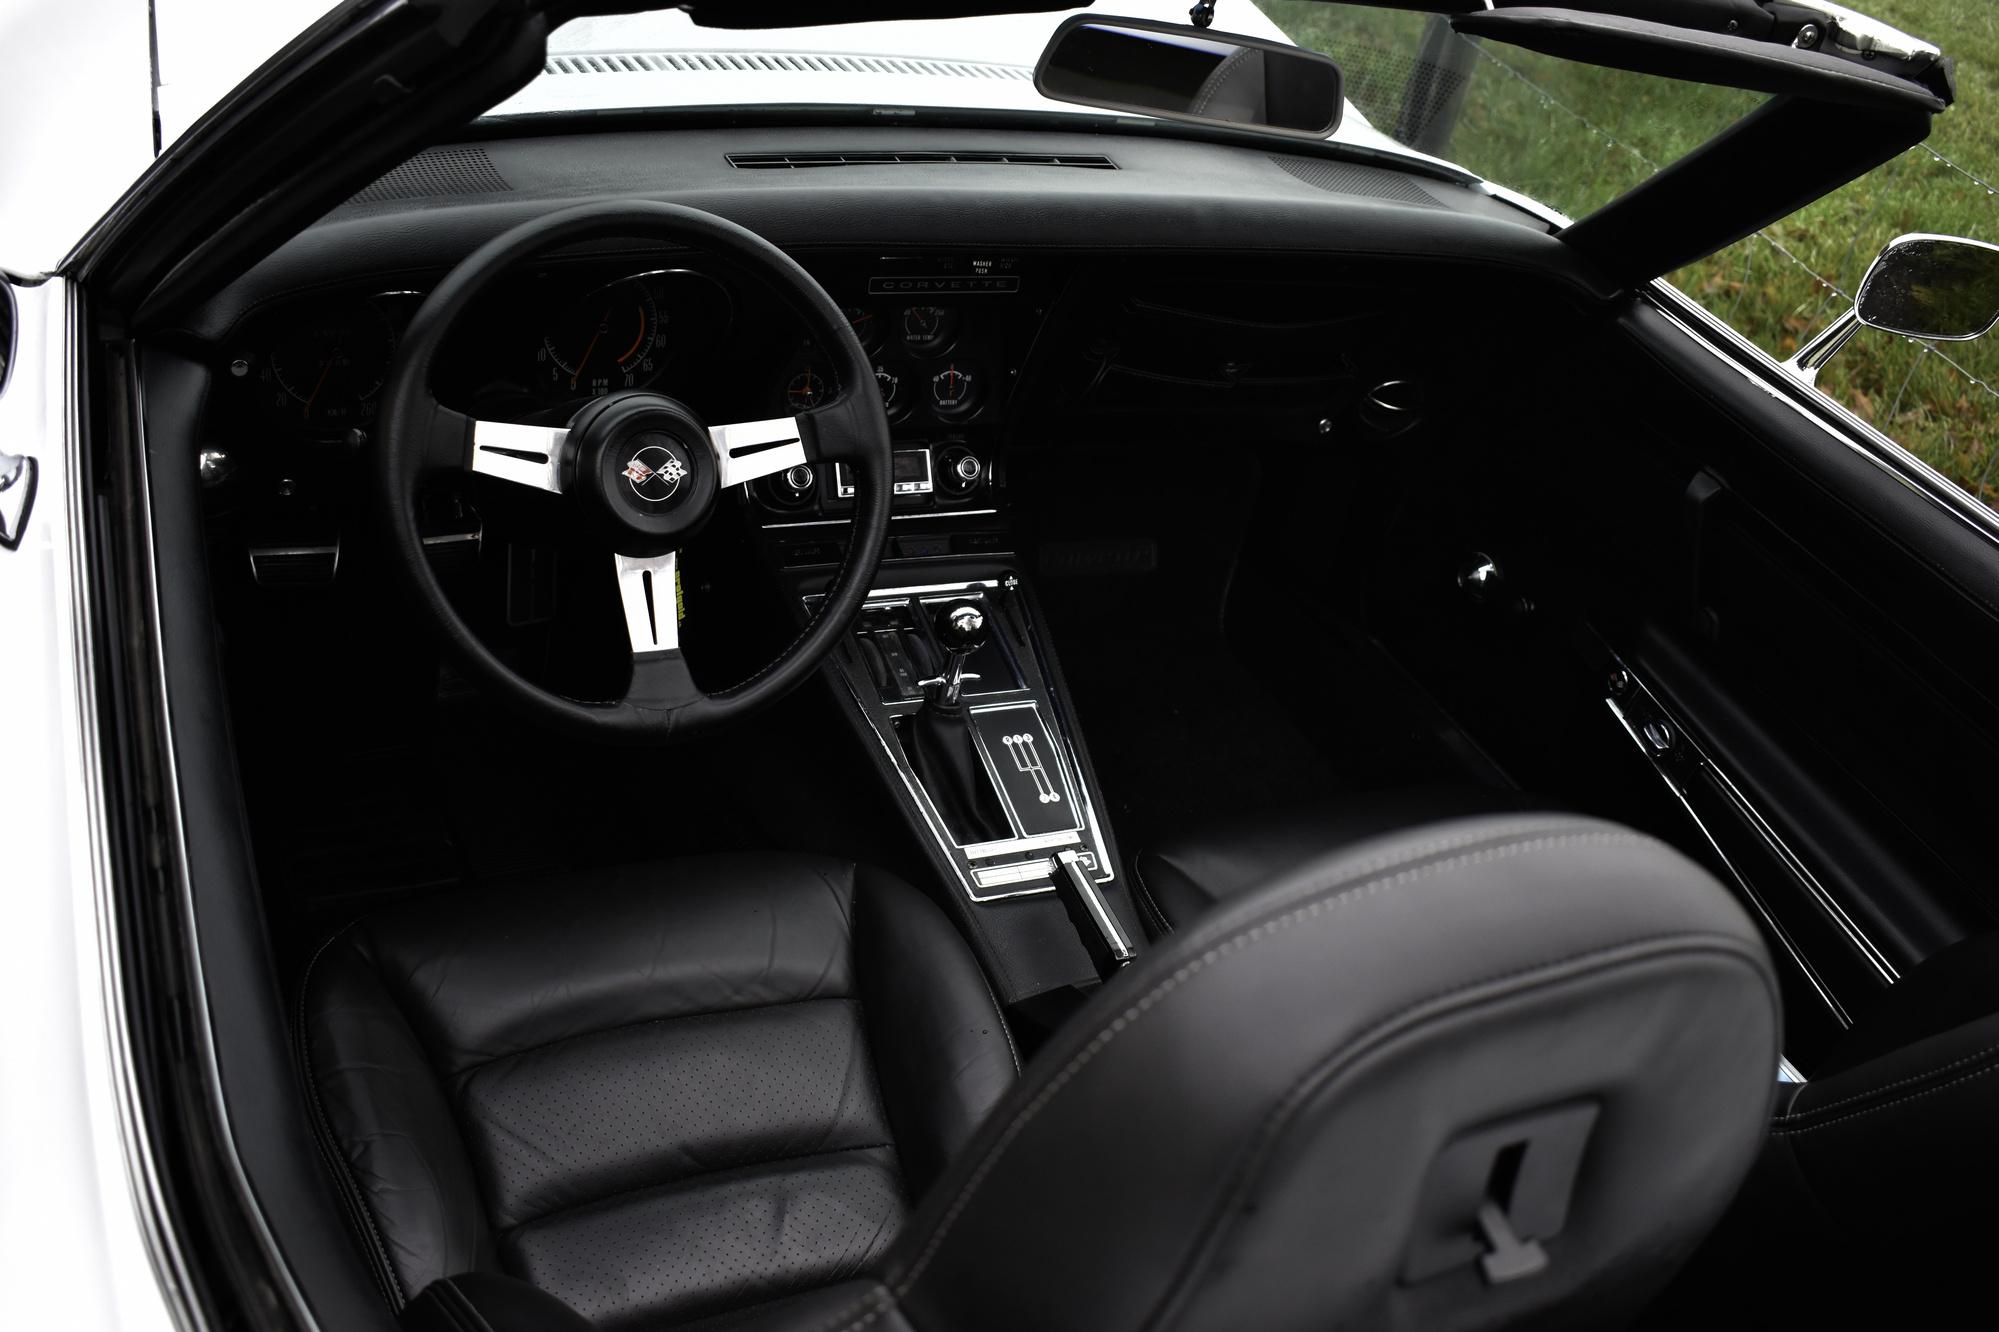 Schwarzes Cockpit aus Leder einer weisse Chevrolet Corvette C3 Stingray 350 cuin 5.7 Liter 1971